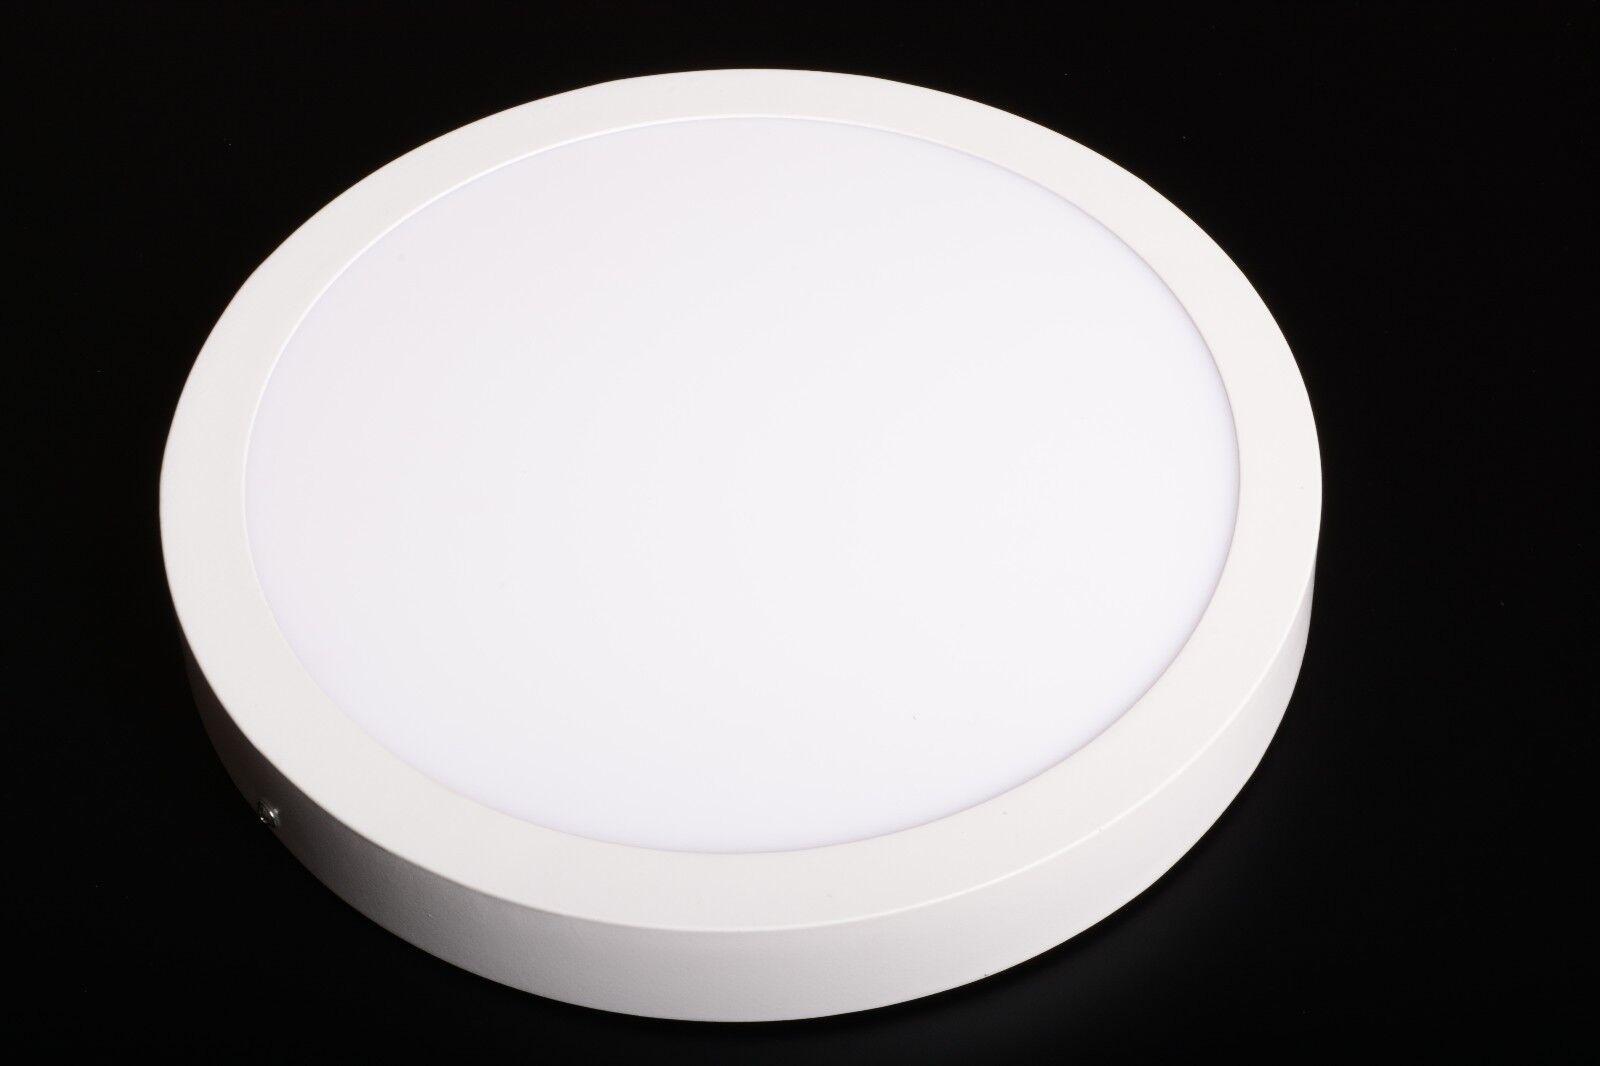 Plafoniere A Led Da Soffitto Prezzi : Faretto led da soffitto parete plafoniera 24w rotondo 300mm bianco